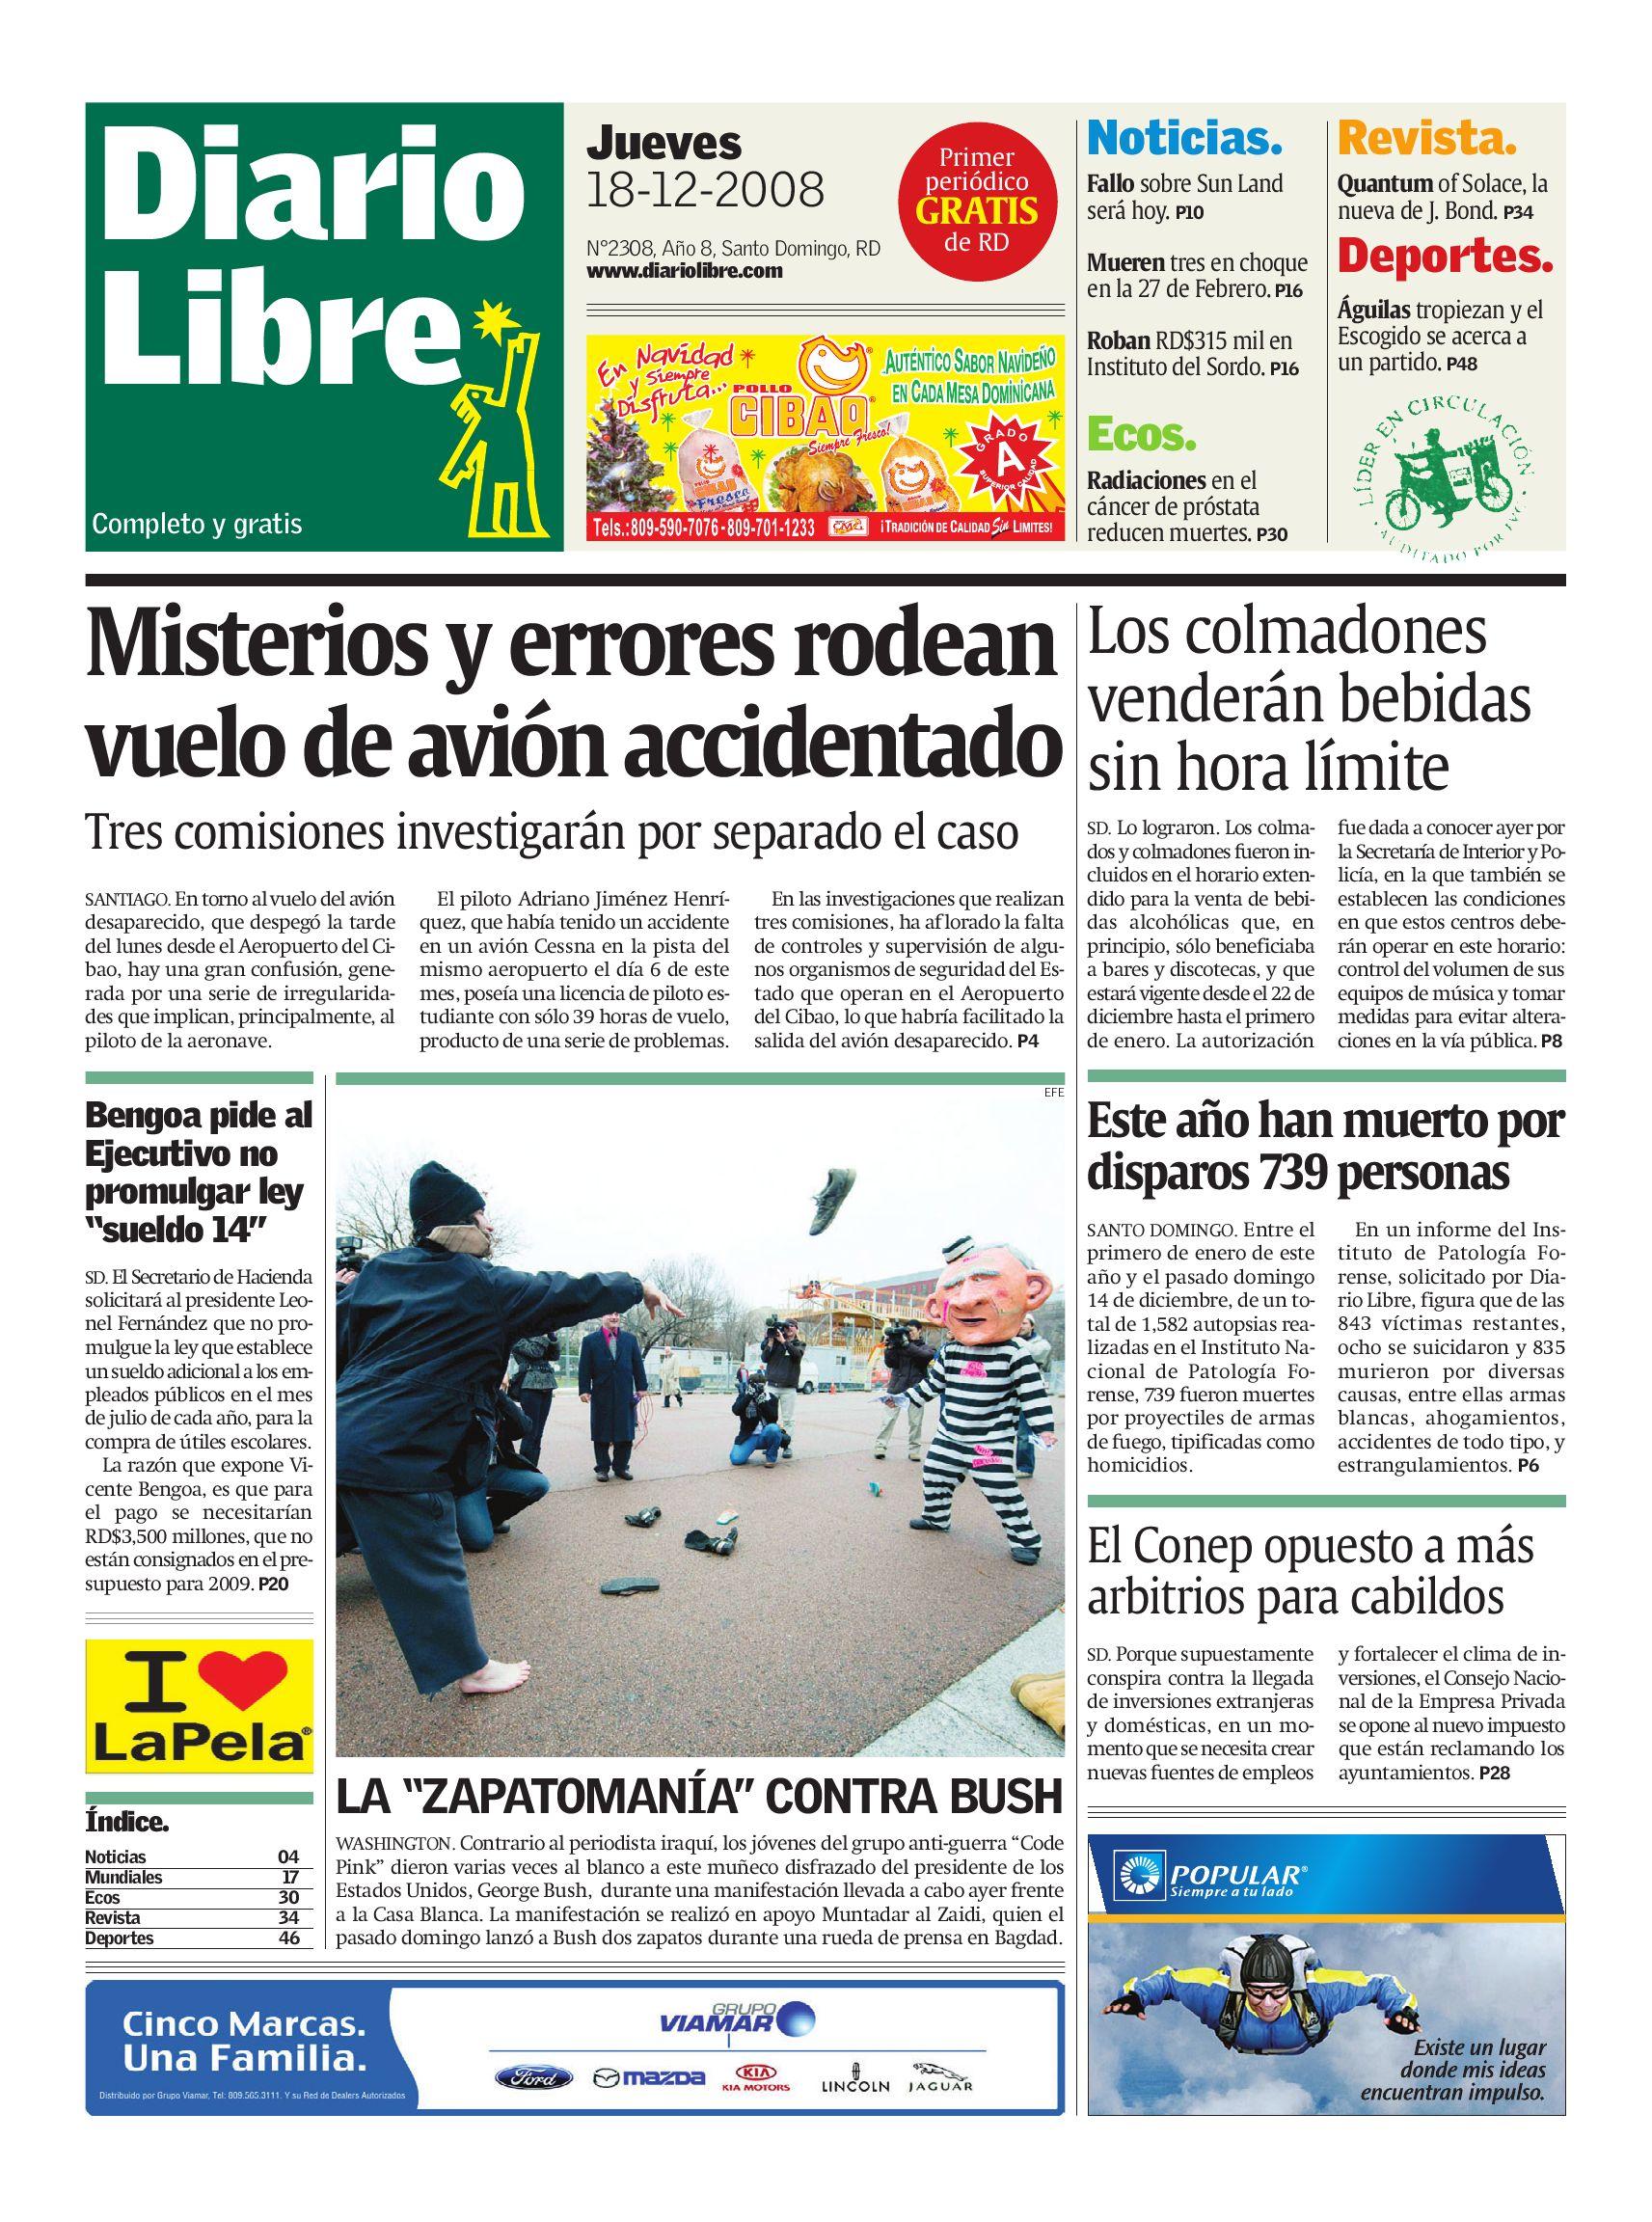 diariolibre2308 by Grupo Diario Libre, S. A. - issuu